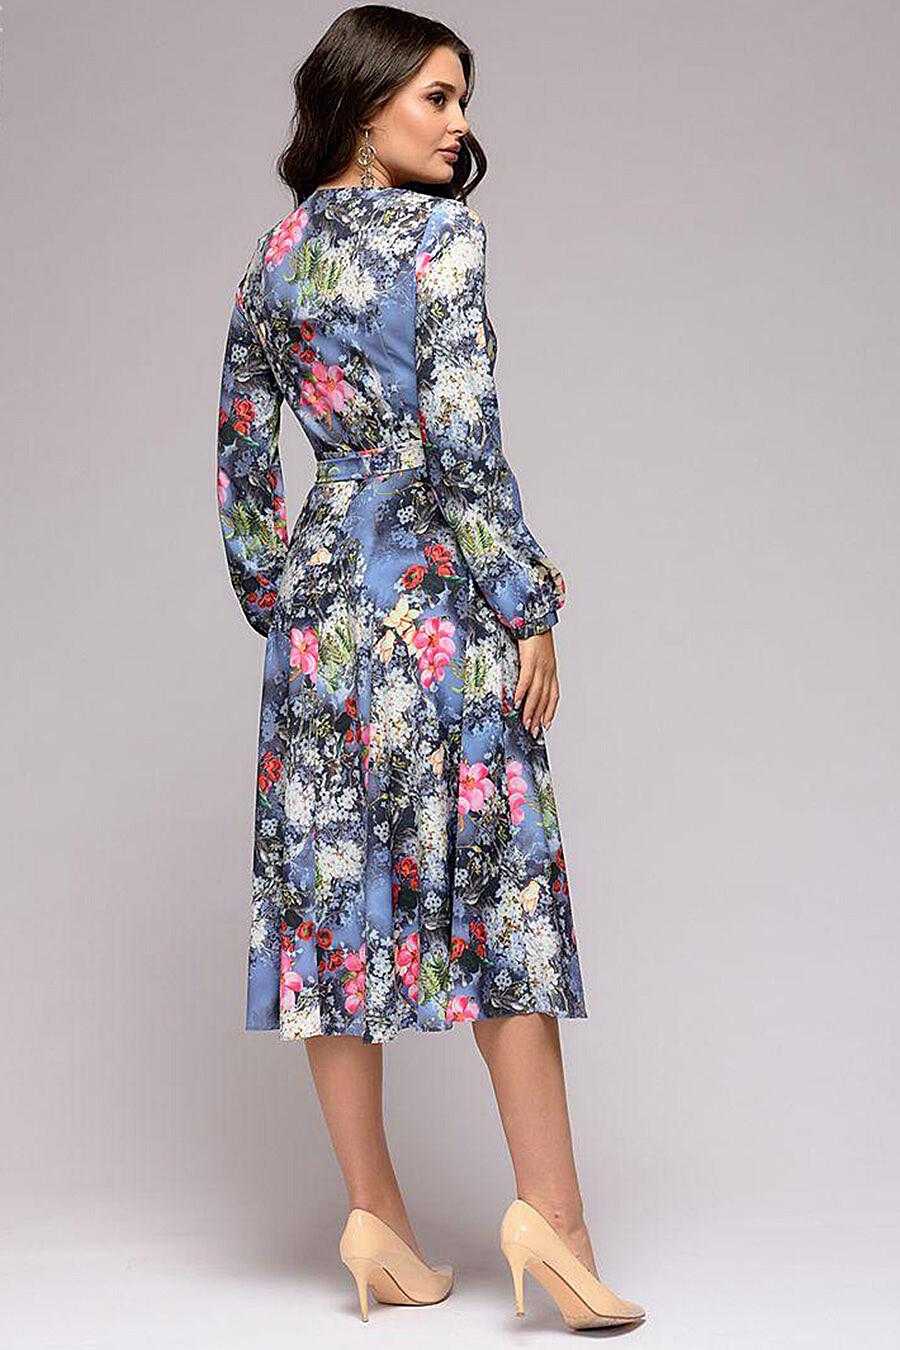 Платье для женщин 1001 DRESS 131238 купить оптом от производителя. Совместная покупка женской одежды в OptMoyo